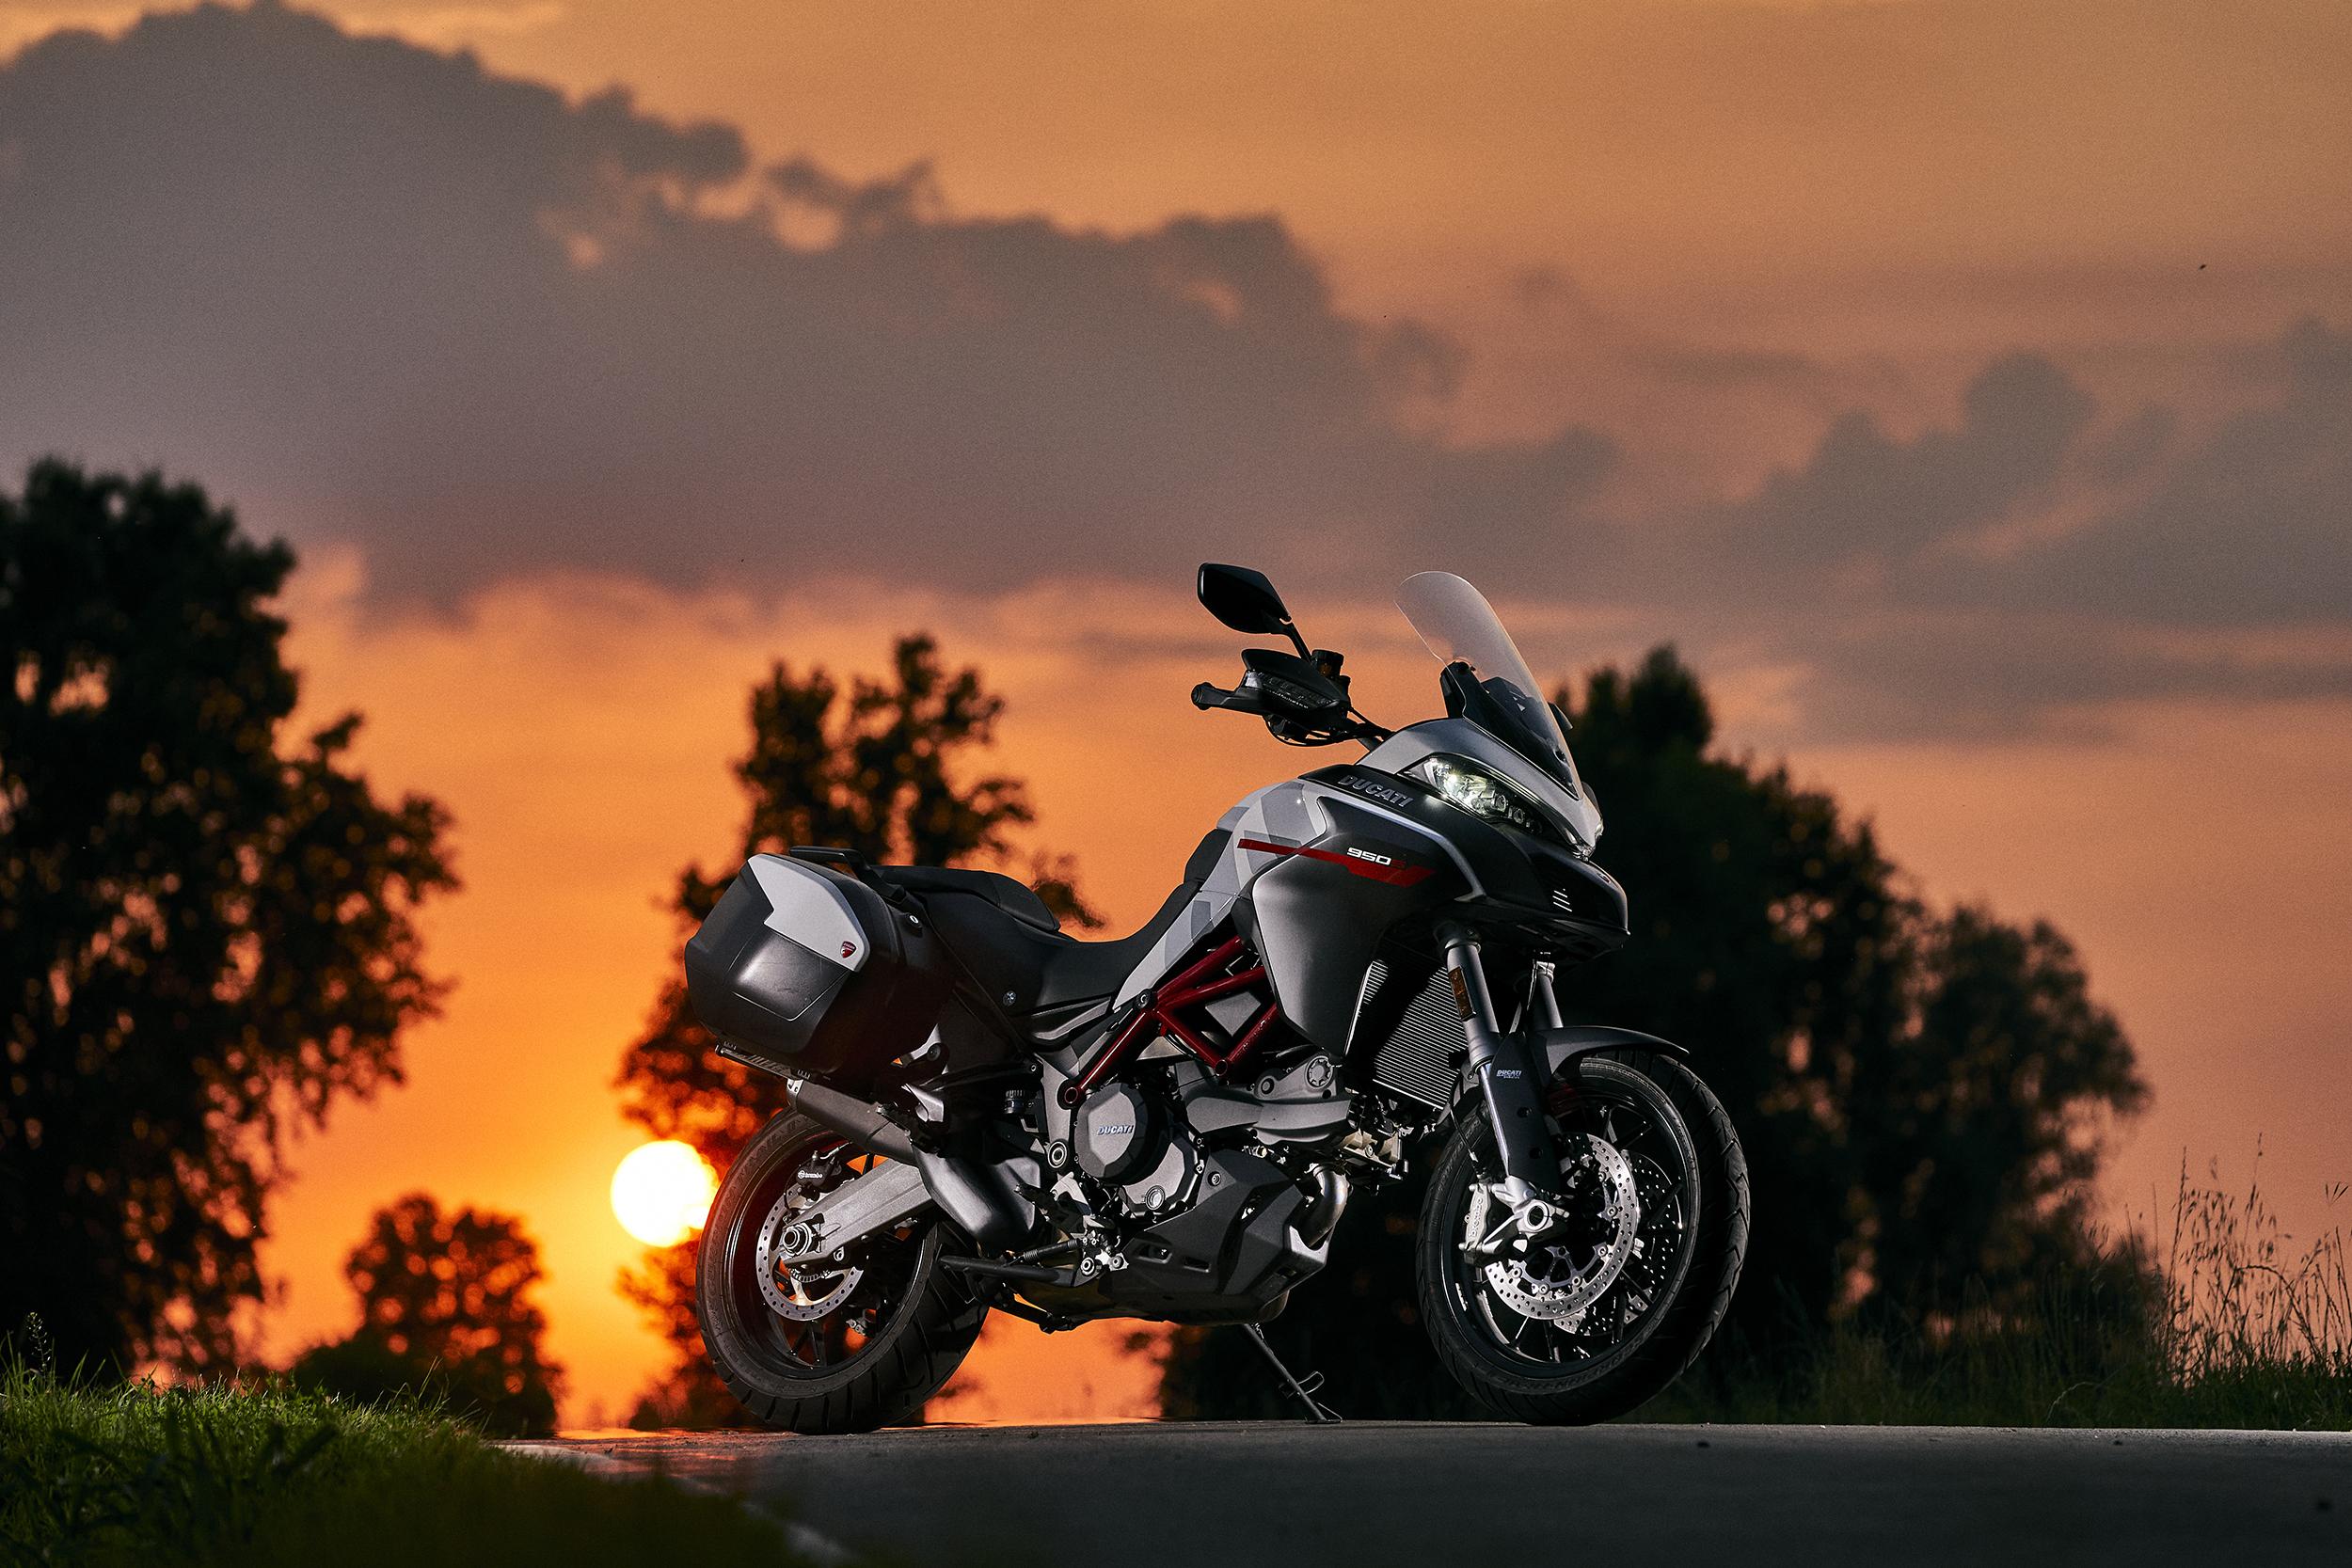 2021 Ducati Multistrada 950 S (4)